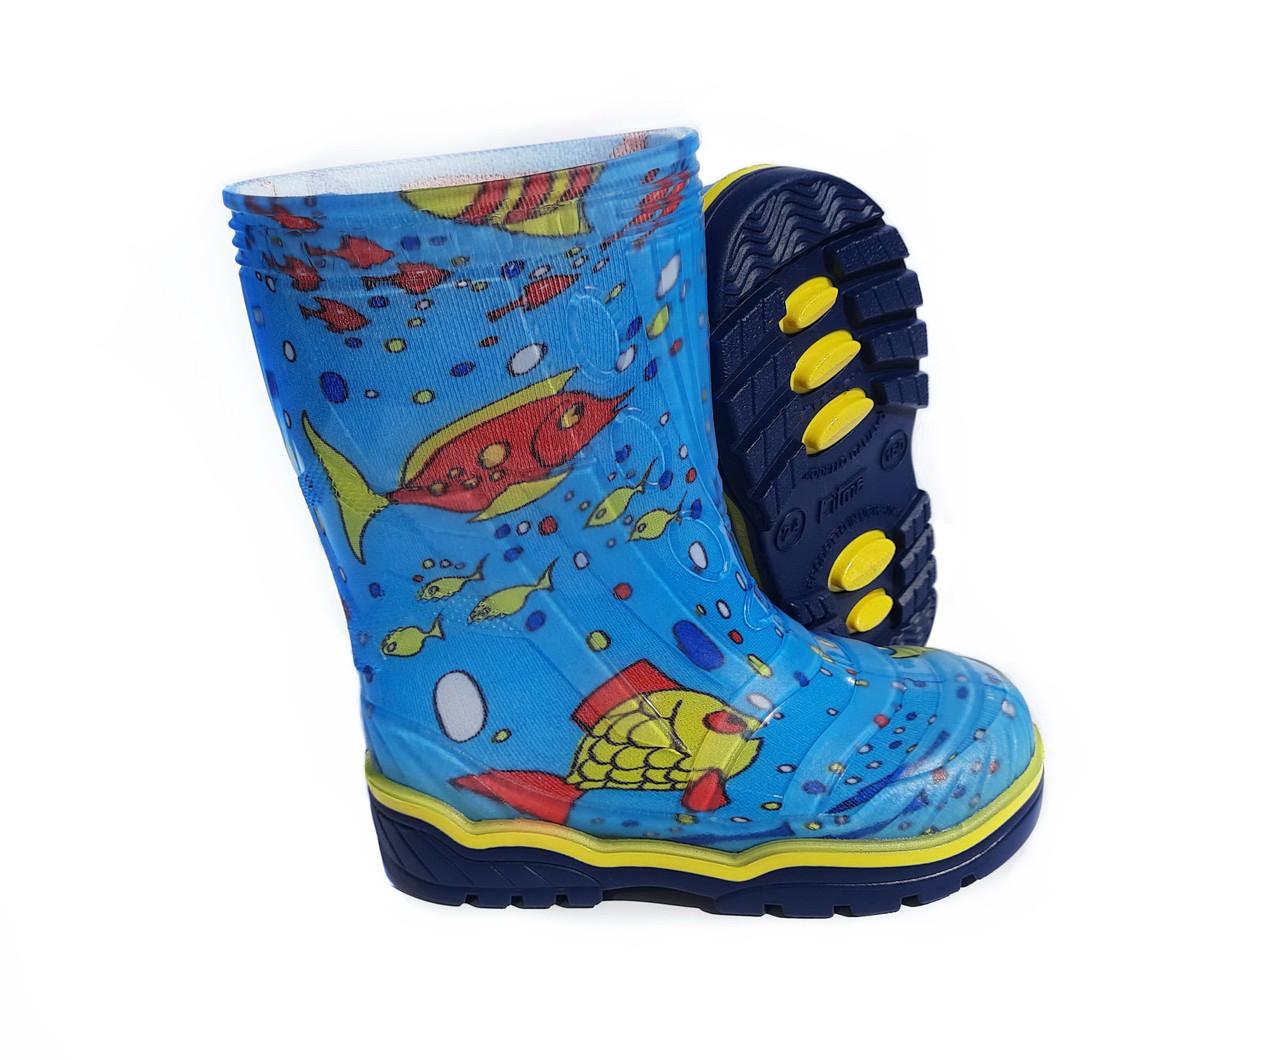 Гумові чоботи дитячі Кольорові Для хлопчика і дівчинки | Розмір 23-26 |